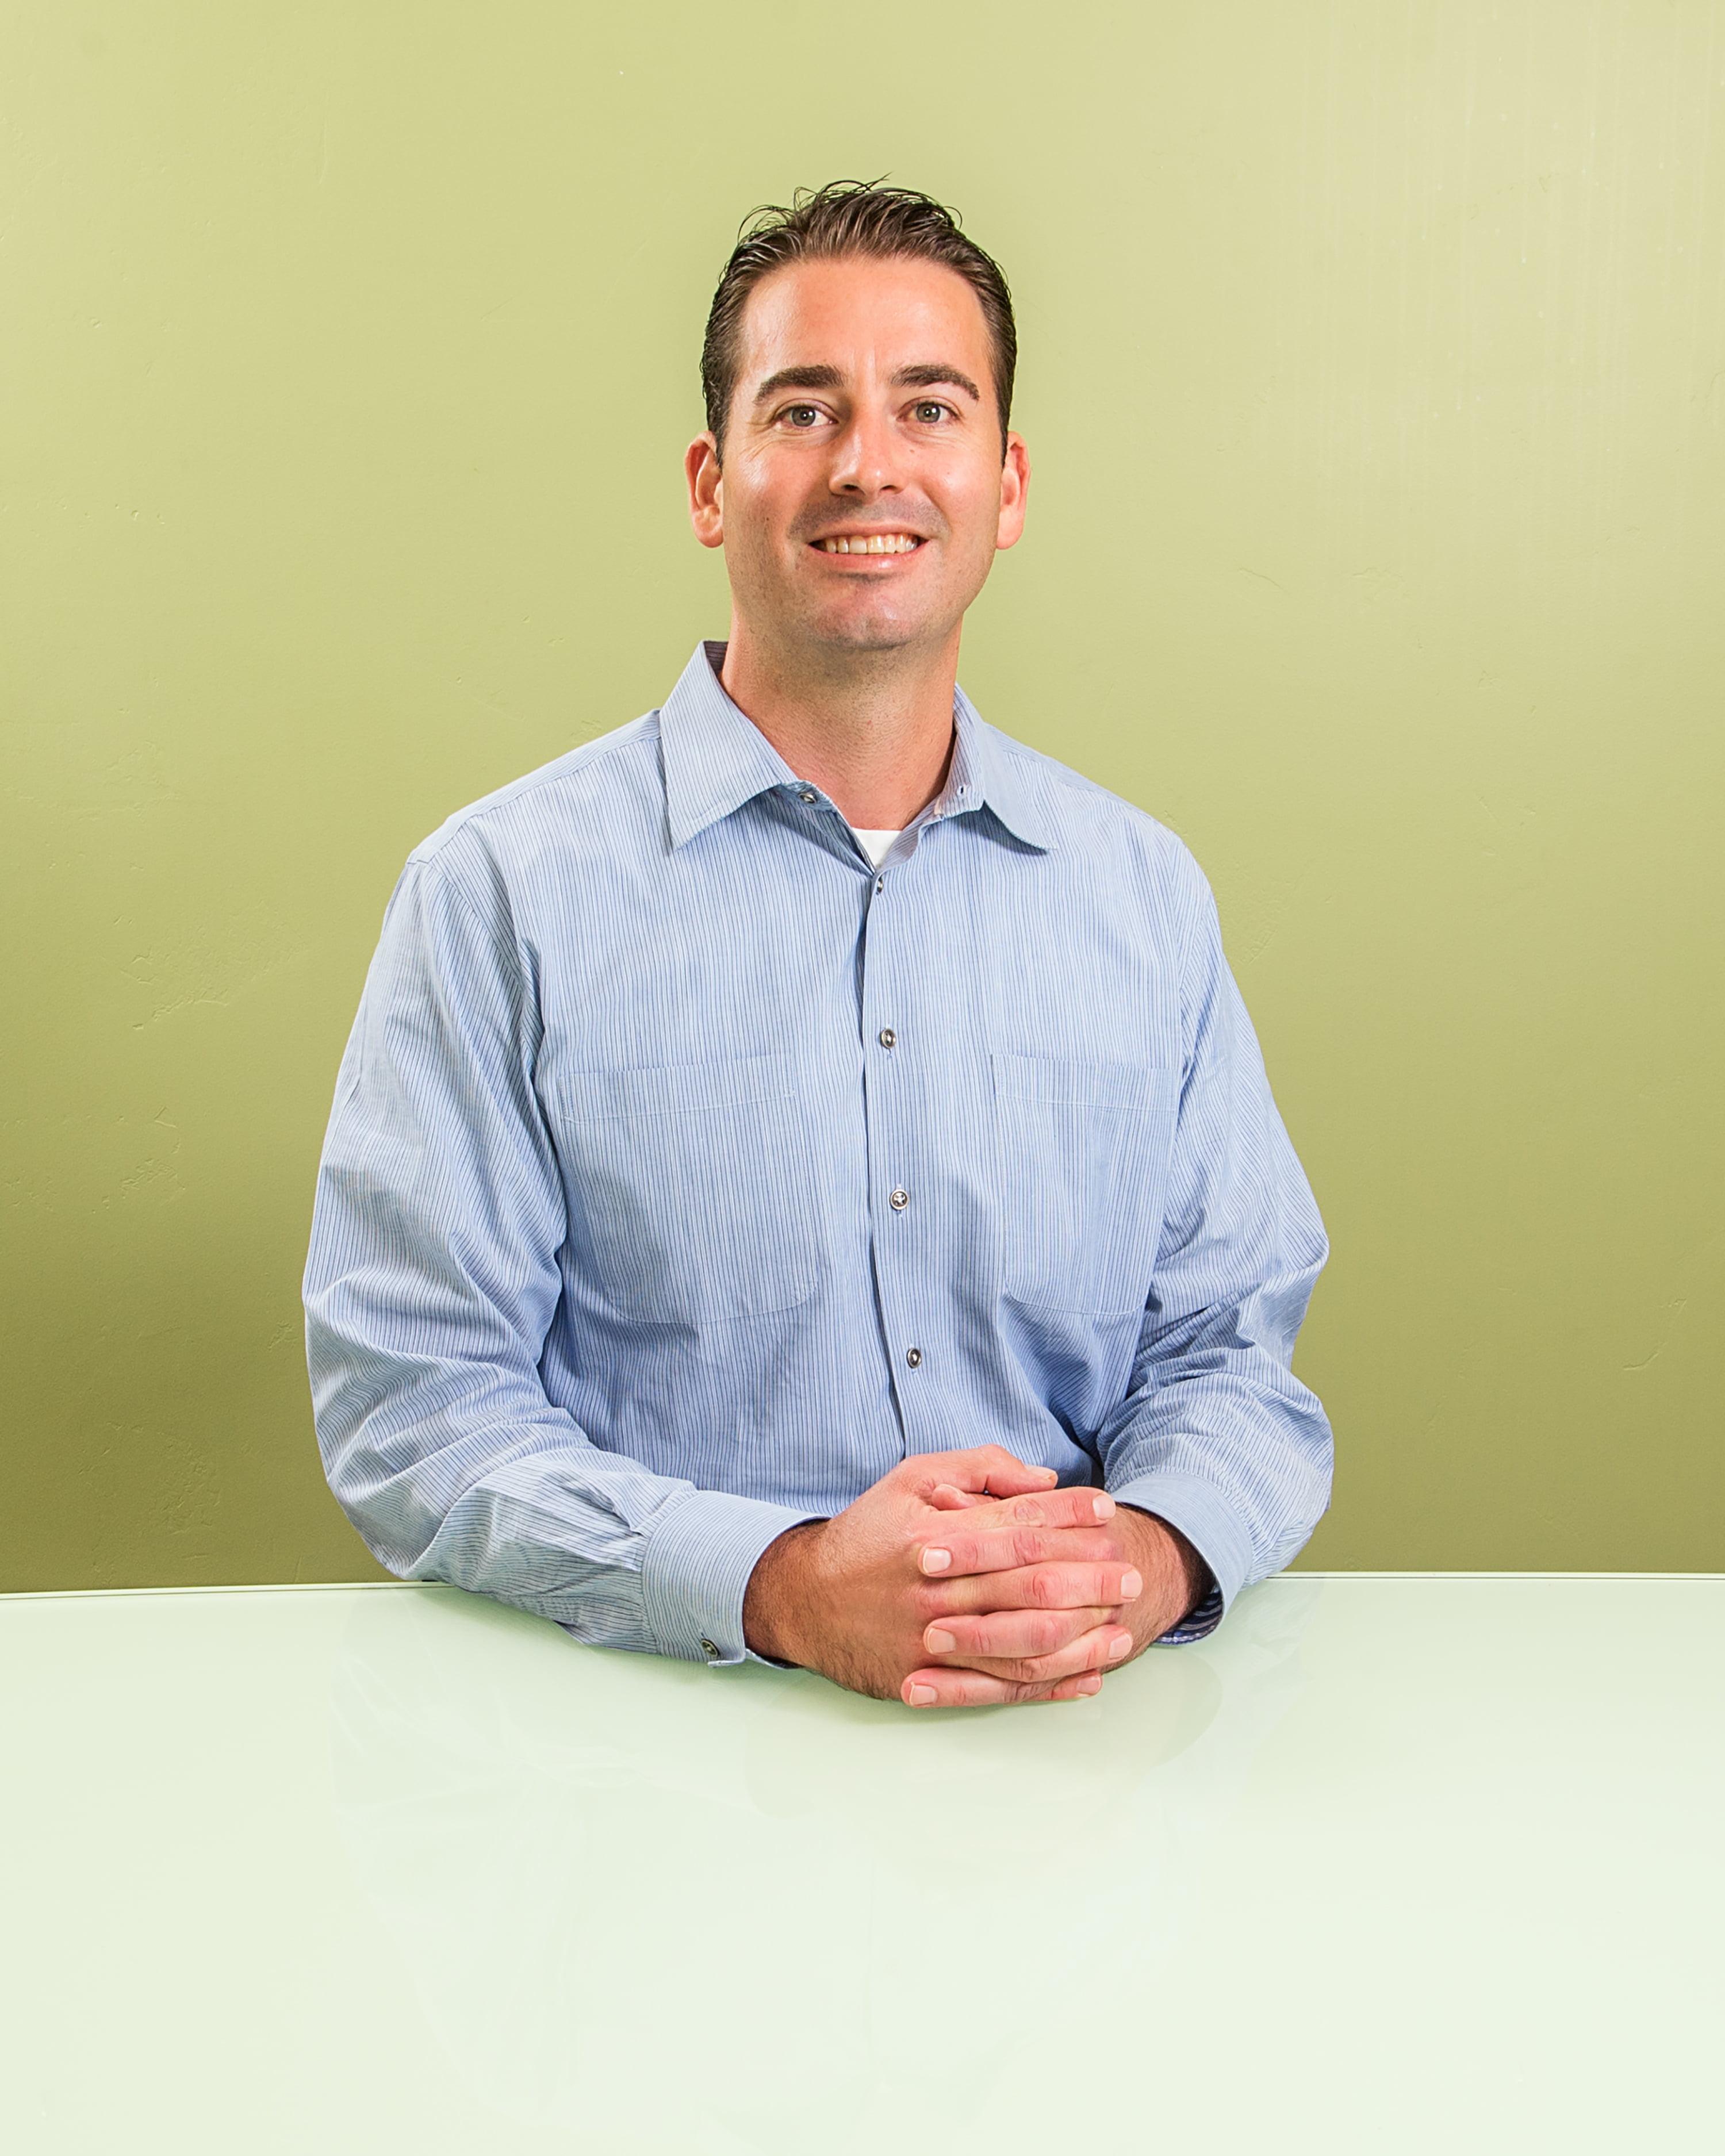 Chad Piini